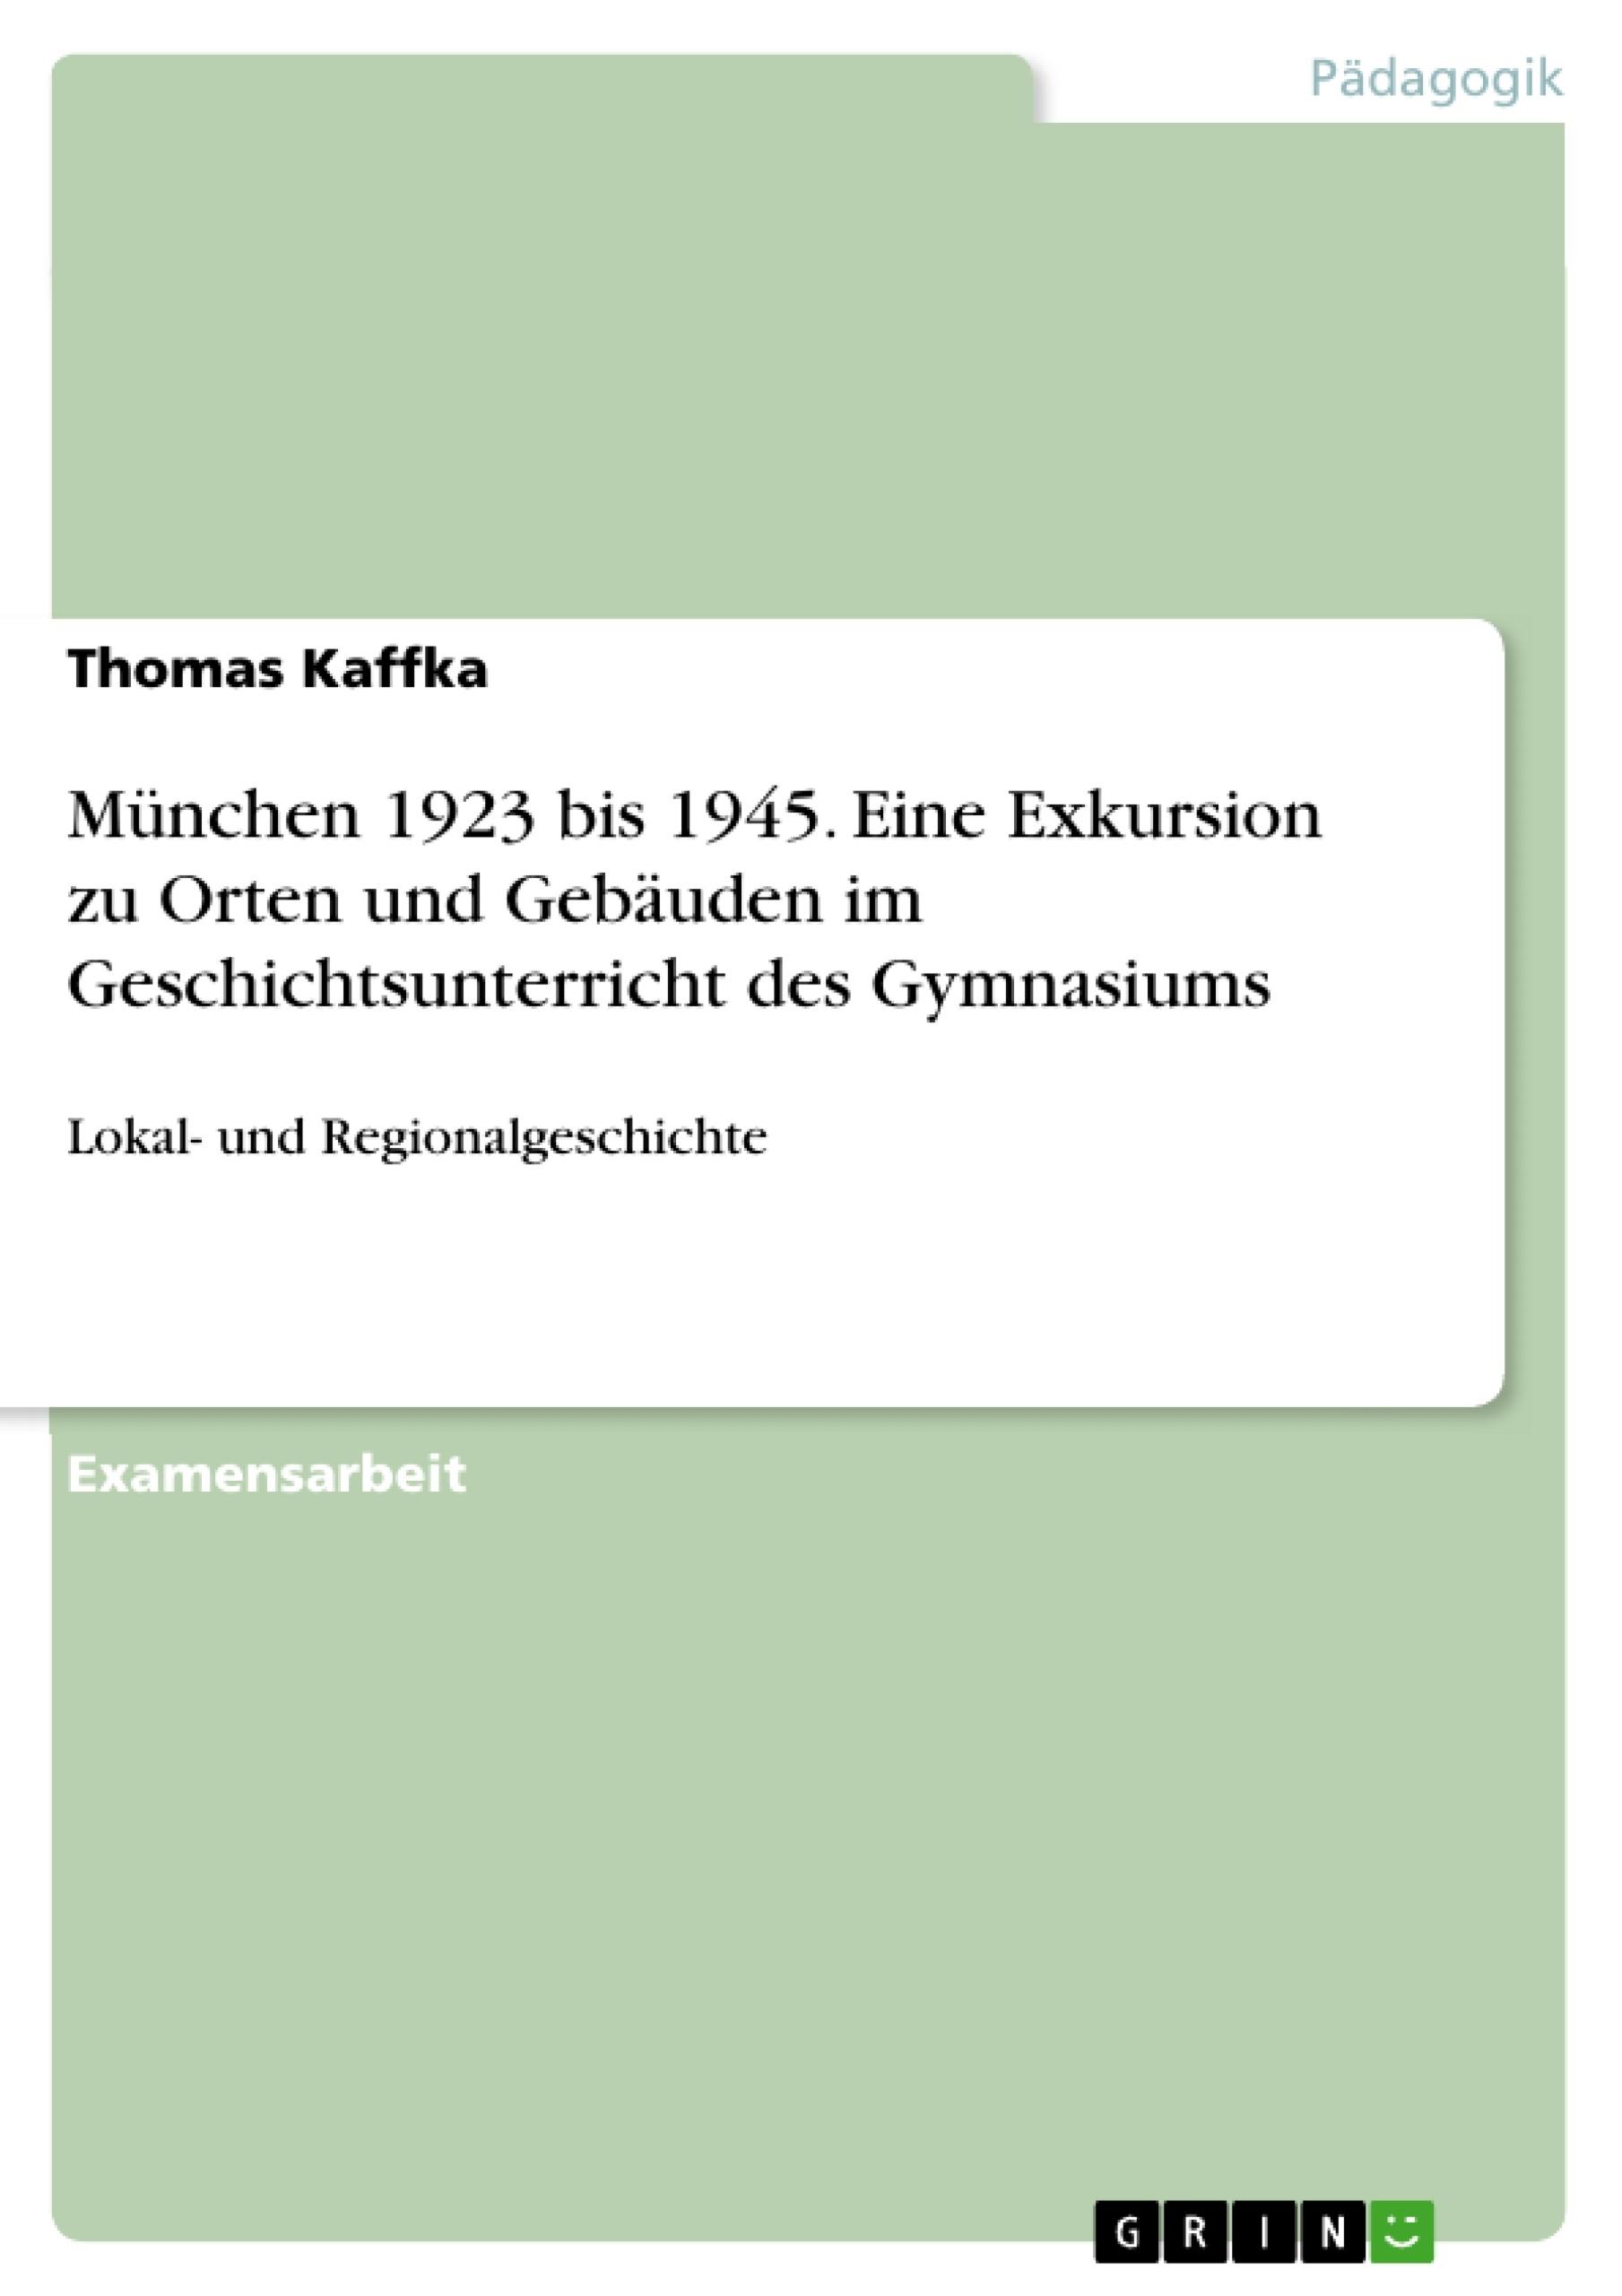 Titel: München 1923 bis 1945. Eine Exkursion zu Orten und Gebäuden im Geschichtsunterricht des Gymnasiums